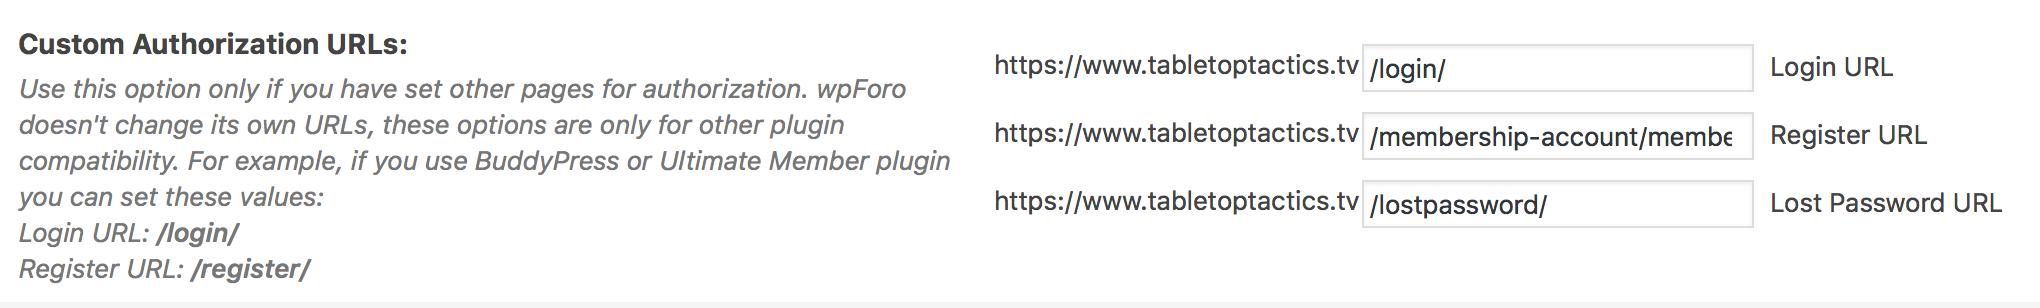 Custom Reset Password link no longer working after update to